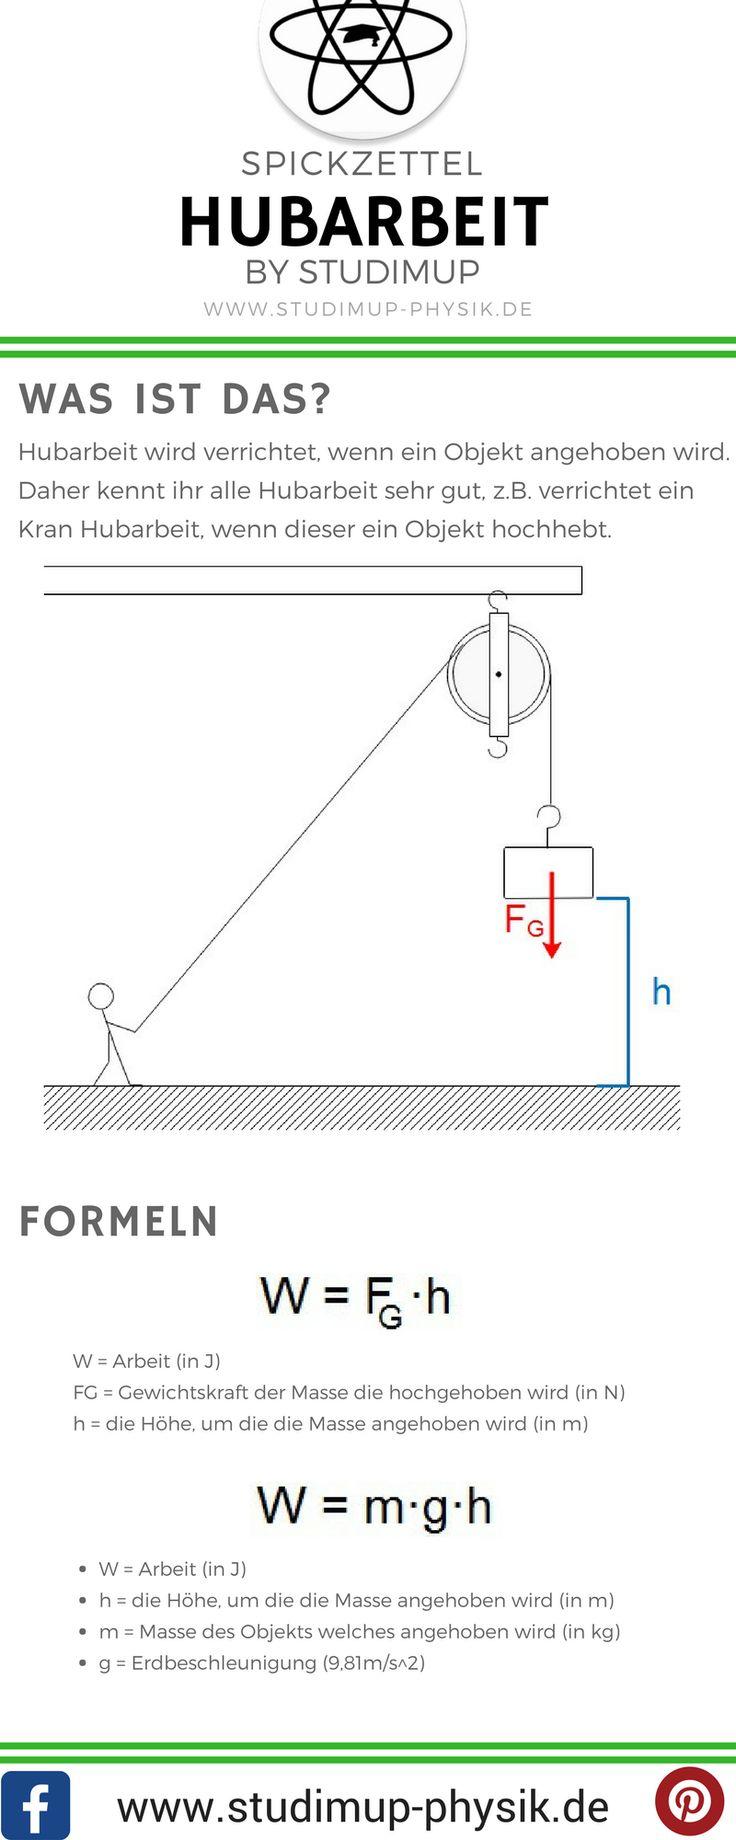 Physik Spickzettel zur Hubarbeit von Studimup. Die…